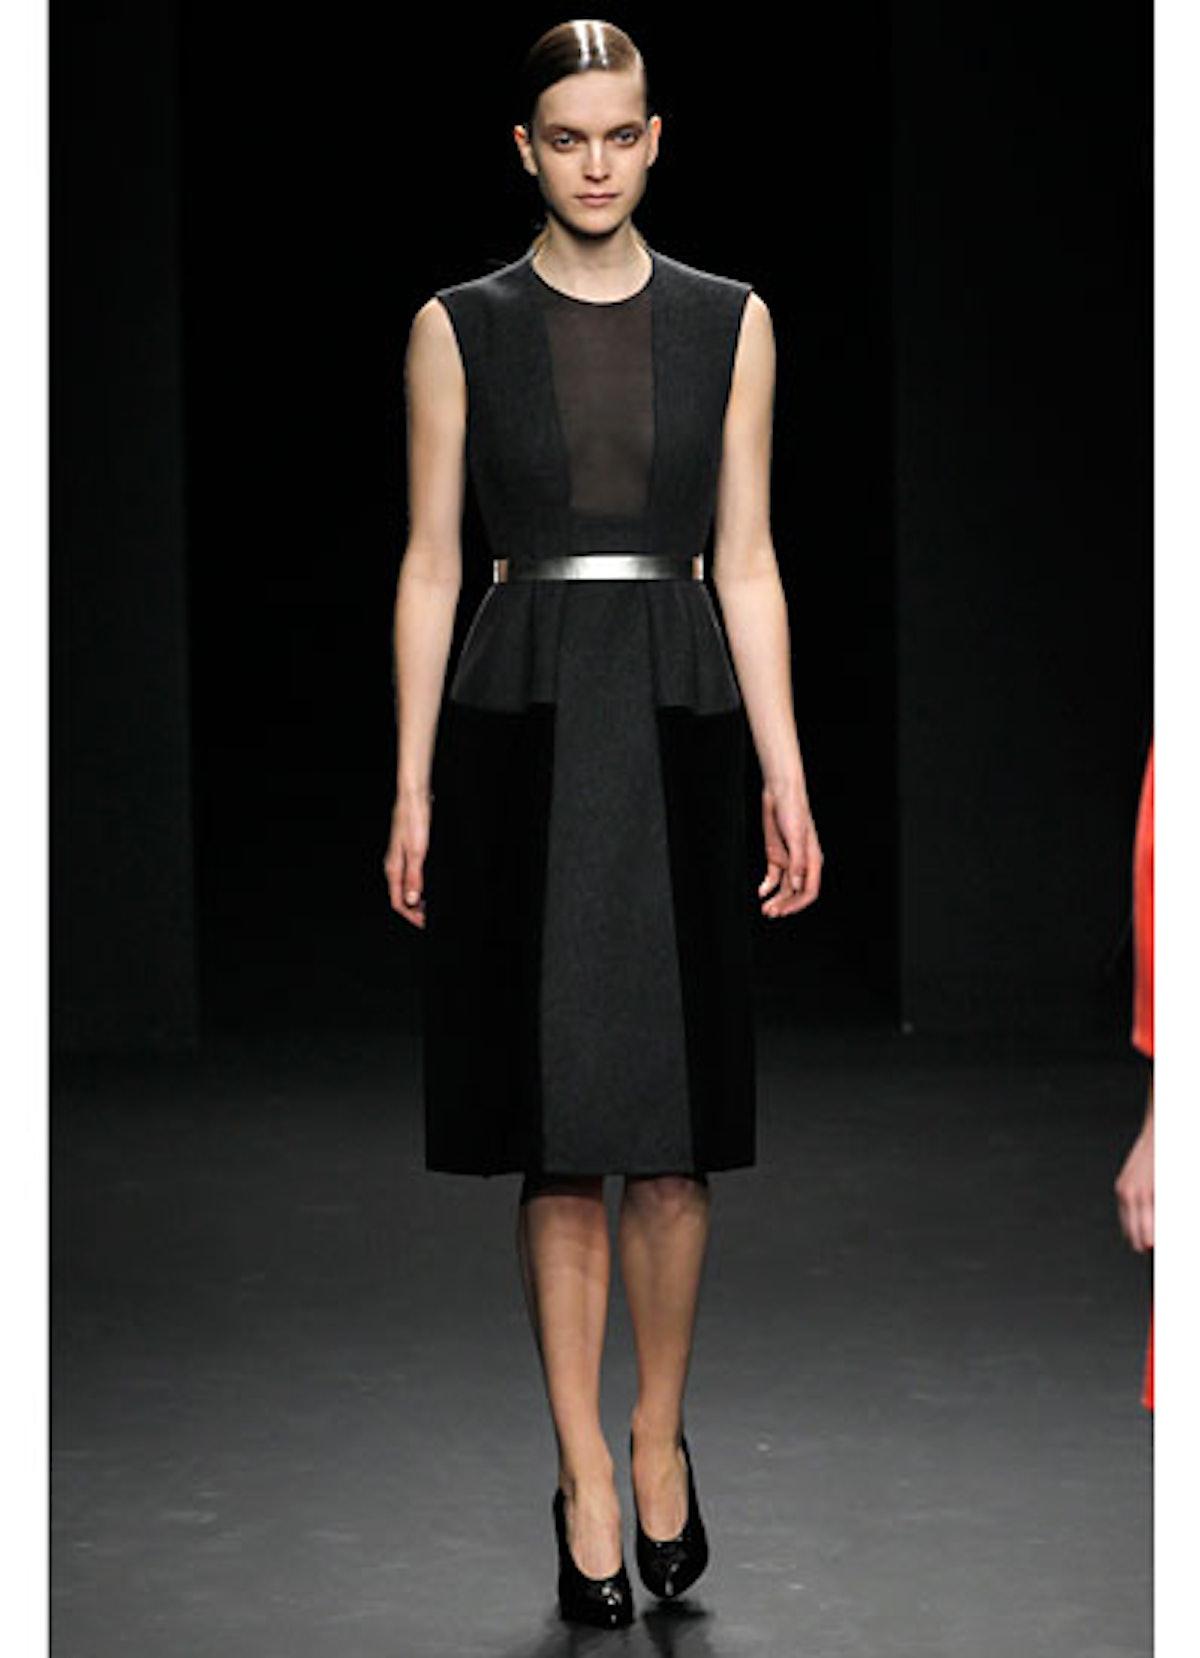 fass-fall-2012-fashion-roundup-17-v.jpg